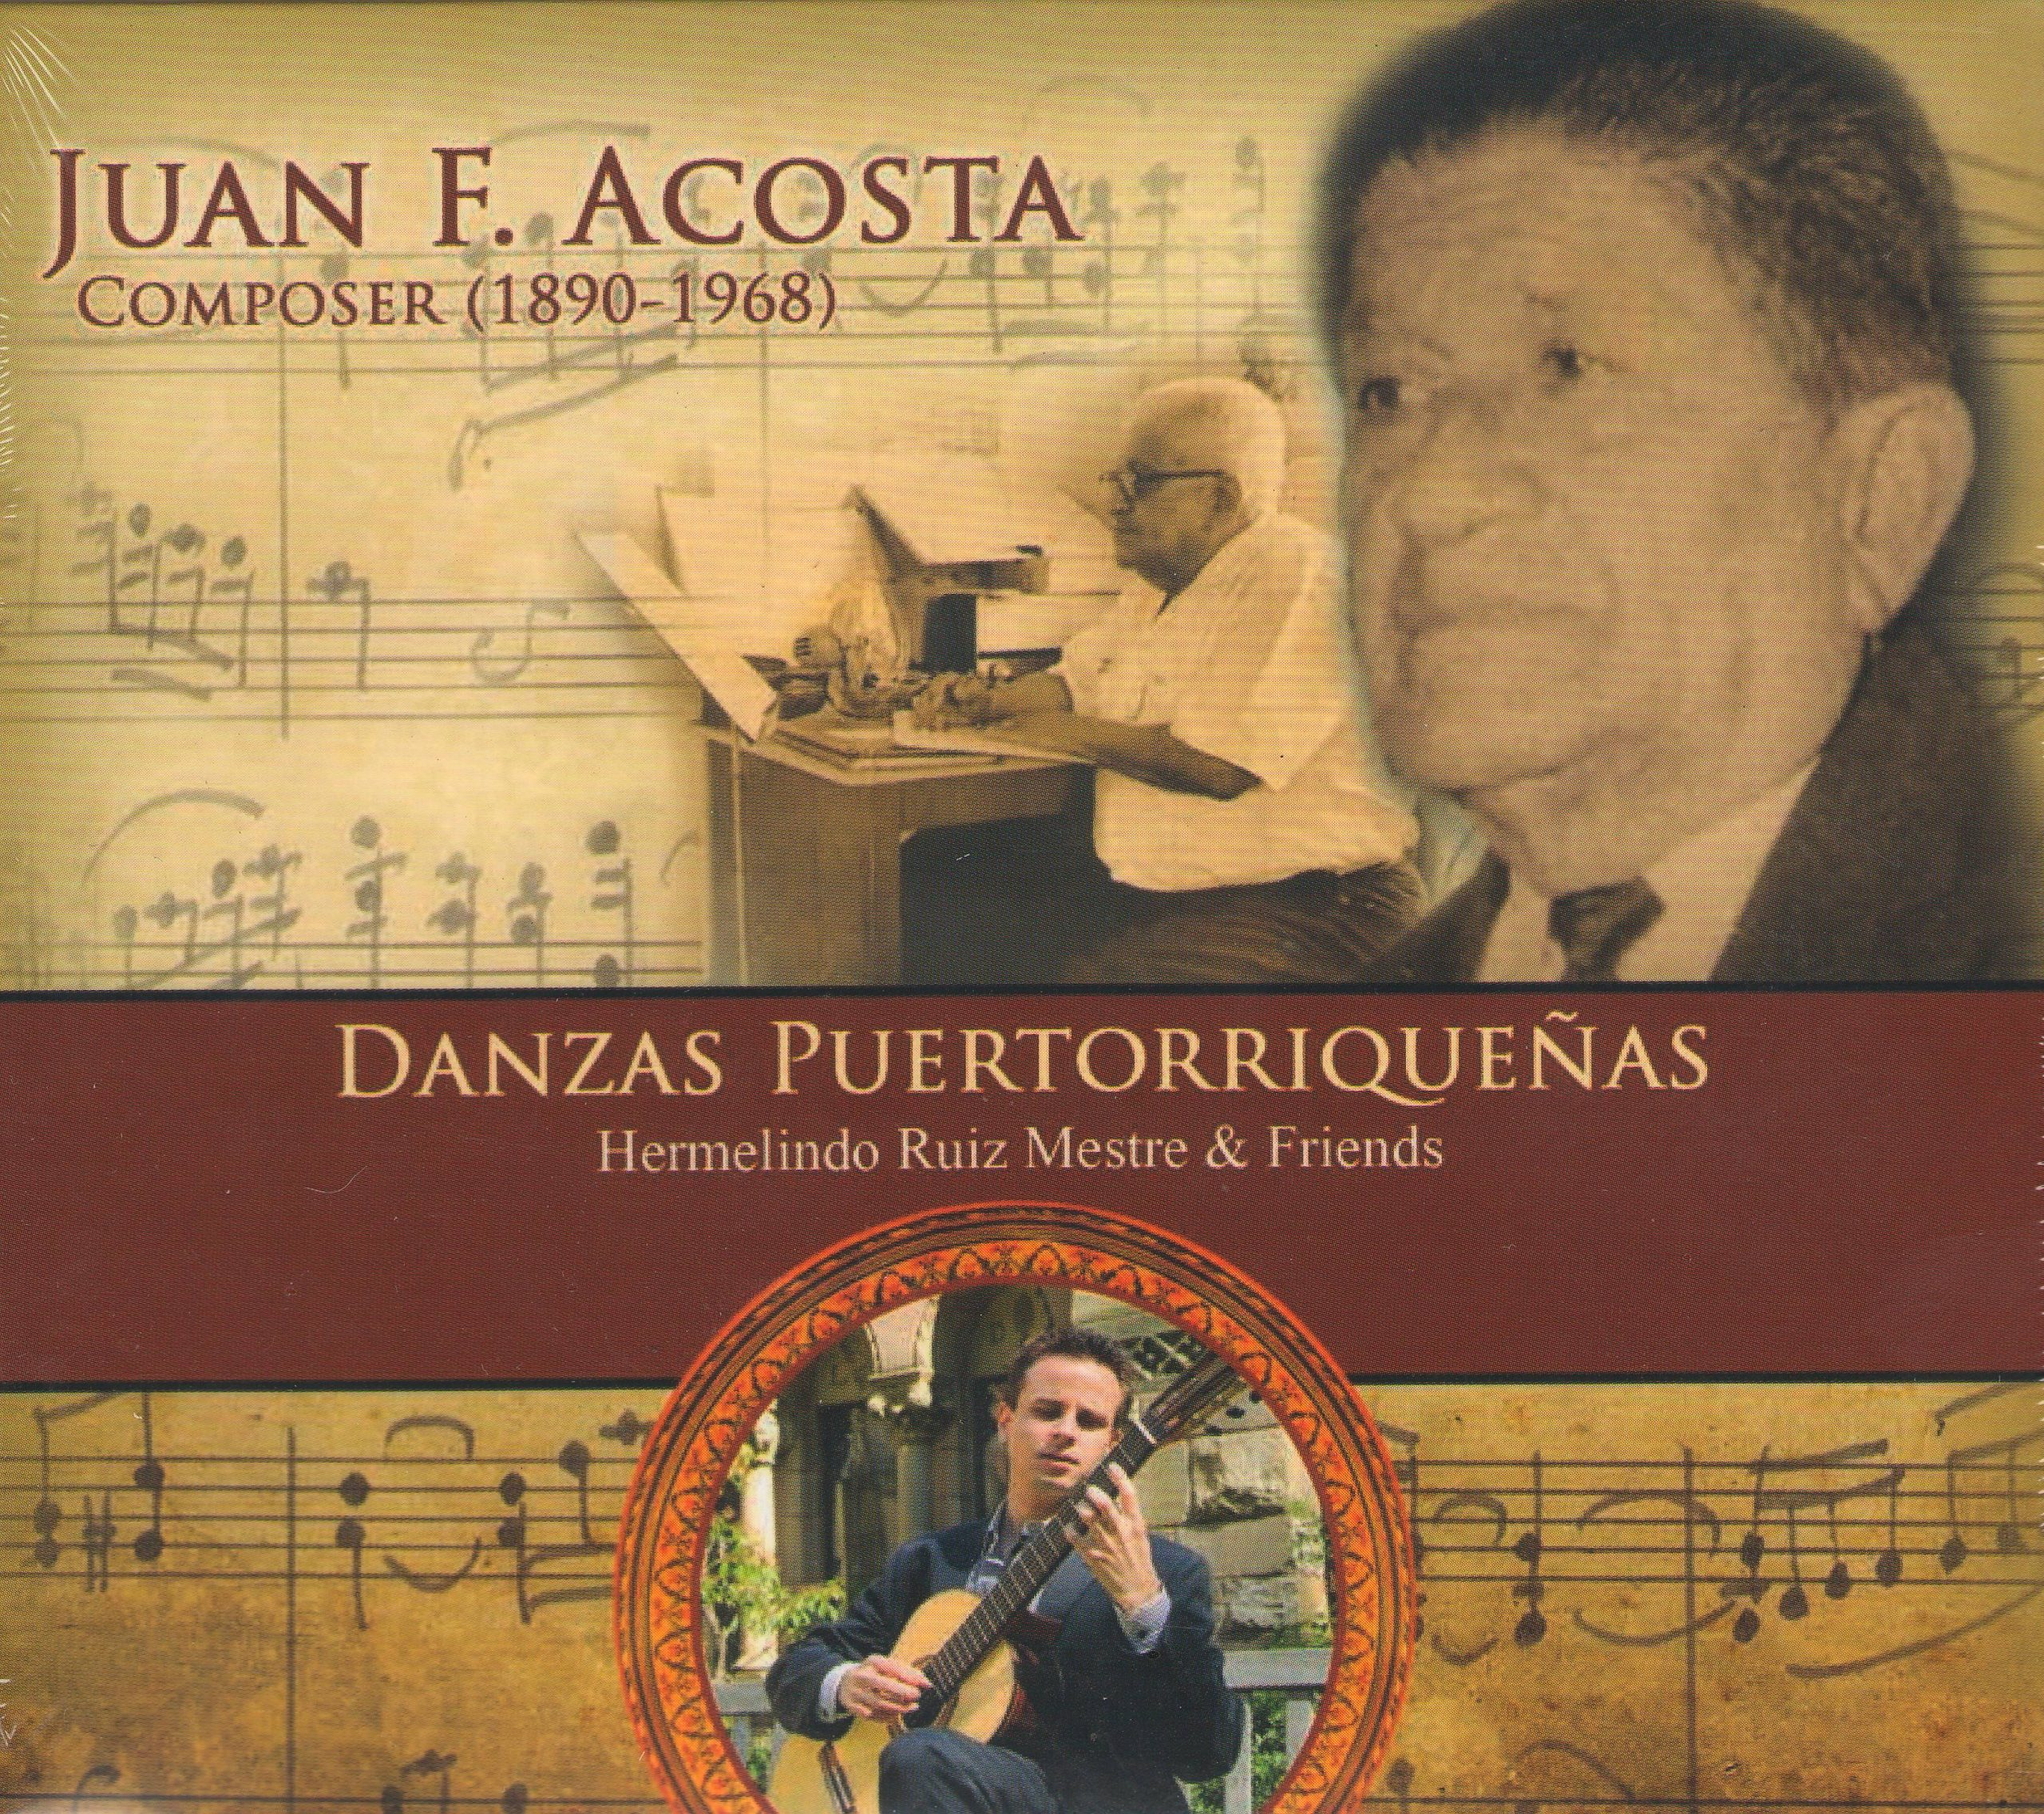 9. Danzas Puertorriquenas  Hermelindo Ruiz Mestre & Friends